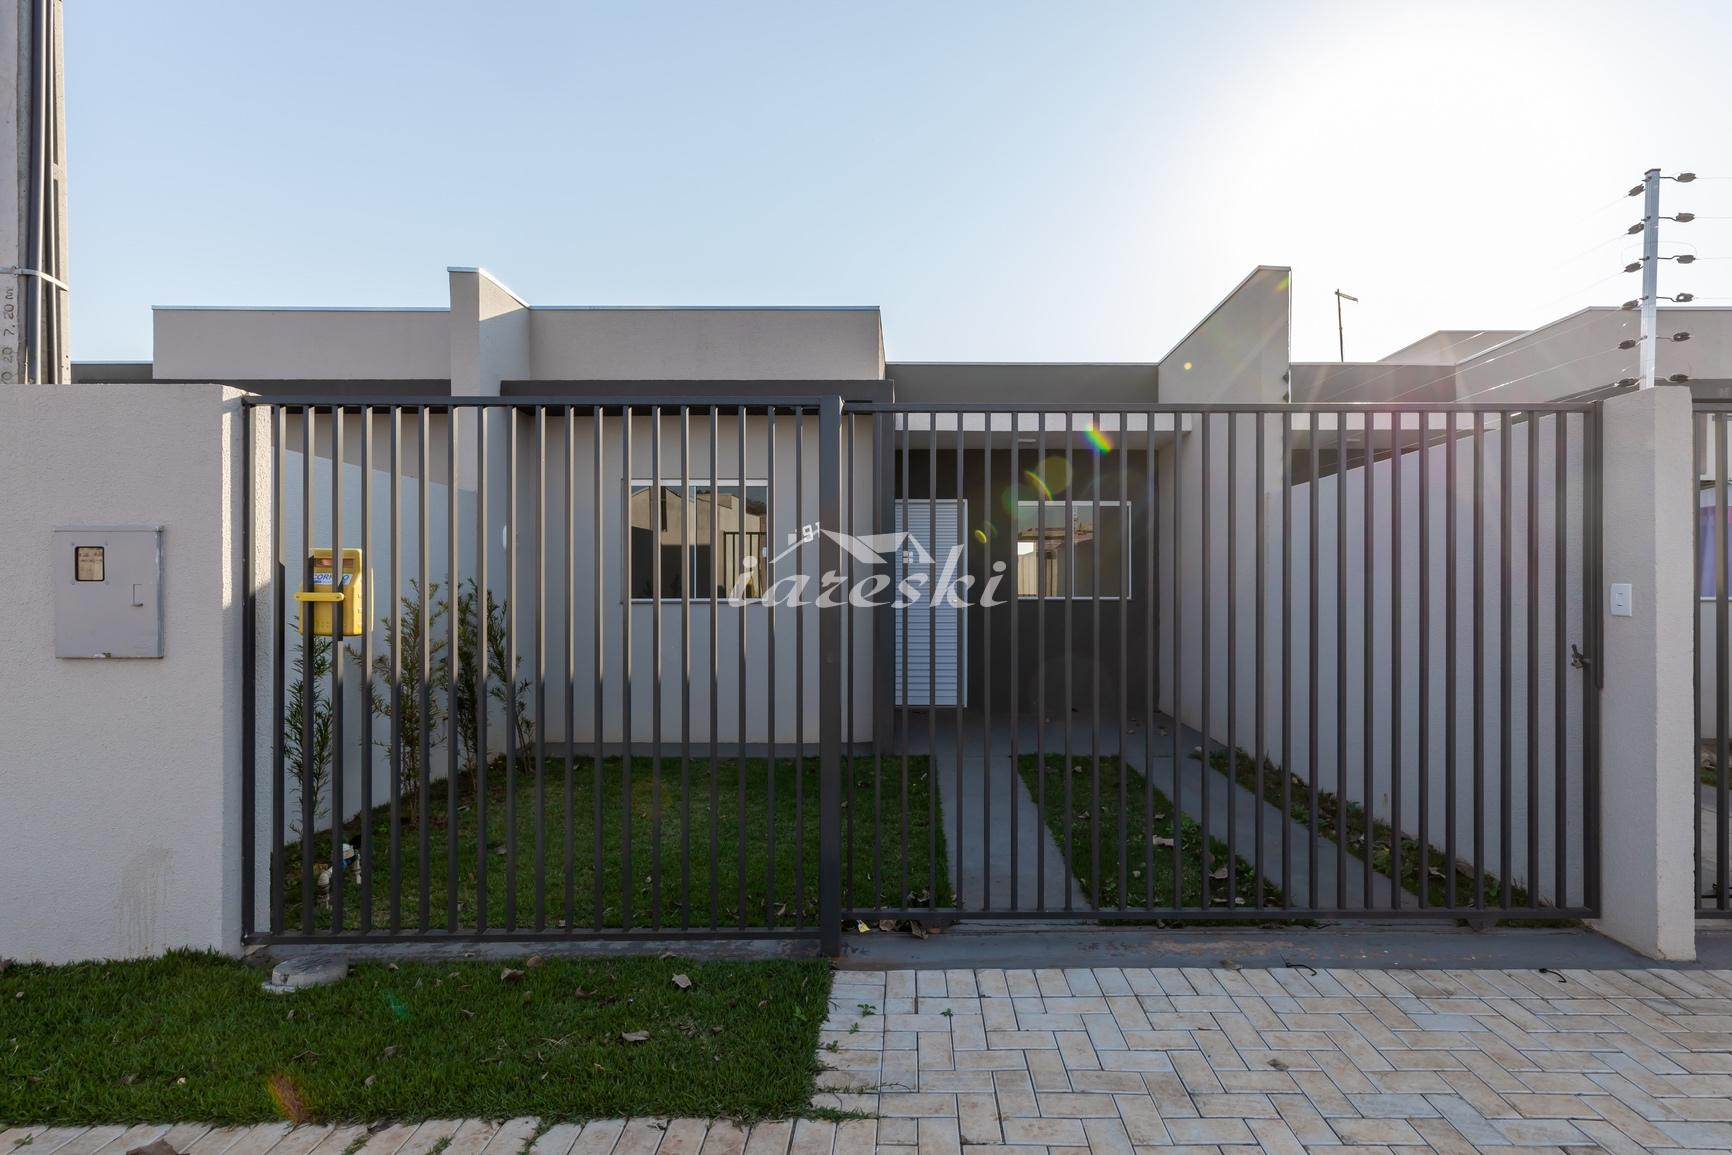 Casa 47m² à venda no Residencial San Martin em Foz do Iguaçu/PR